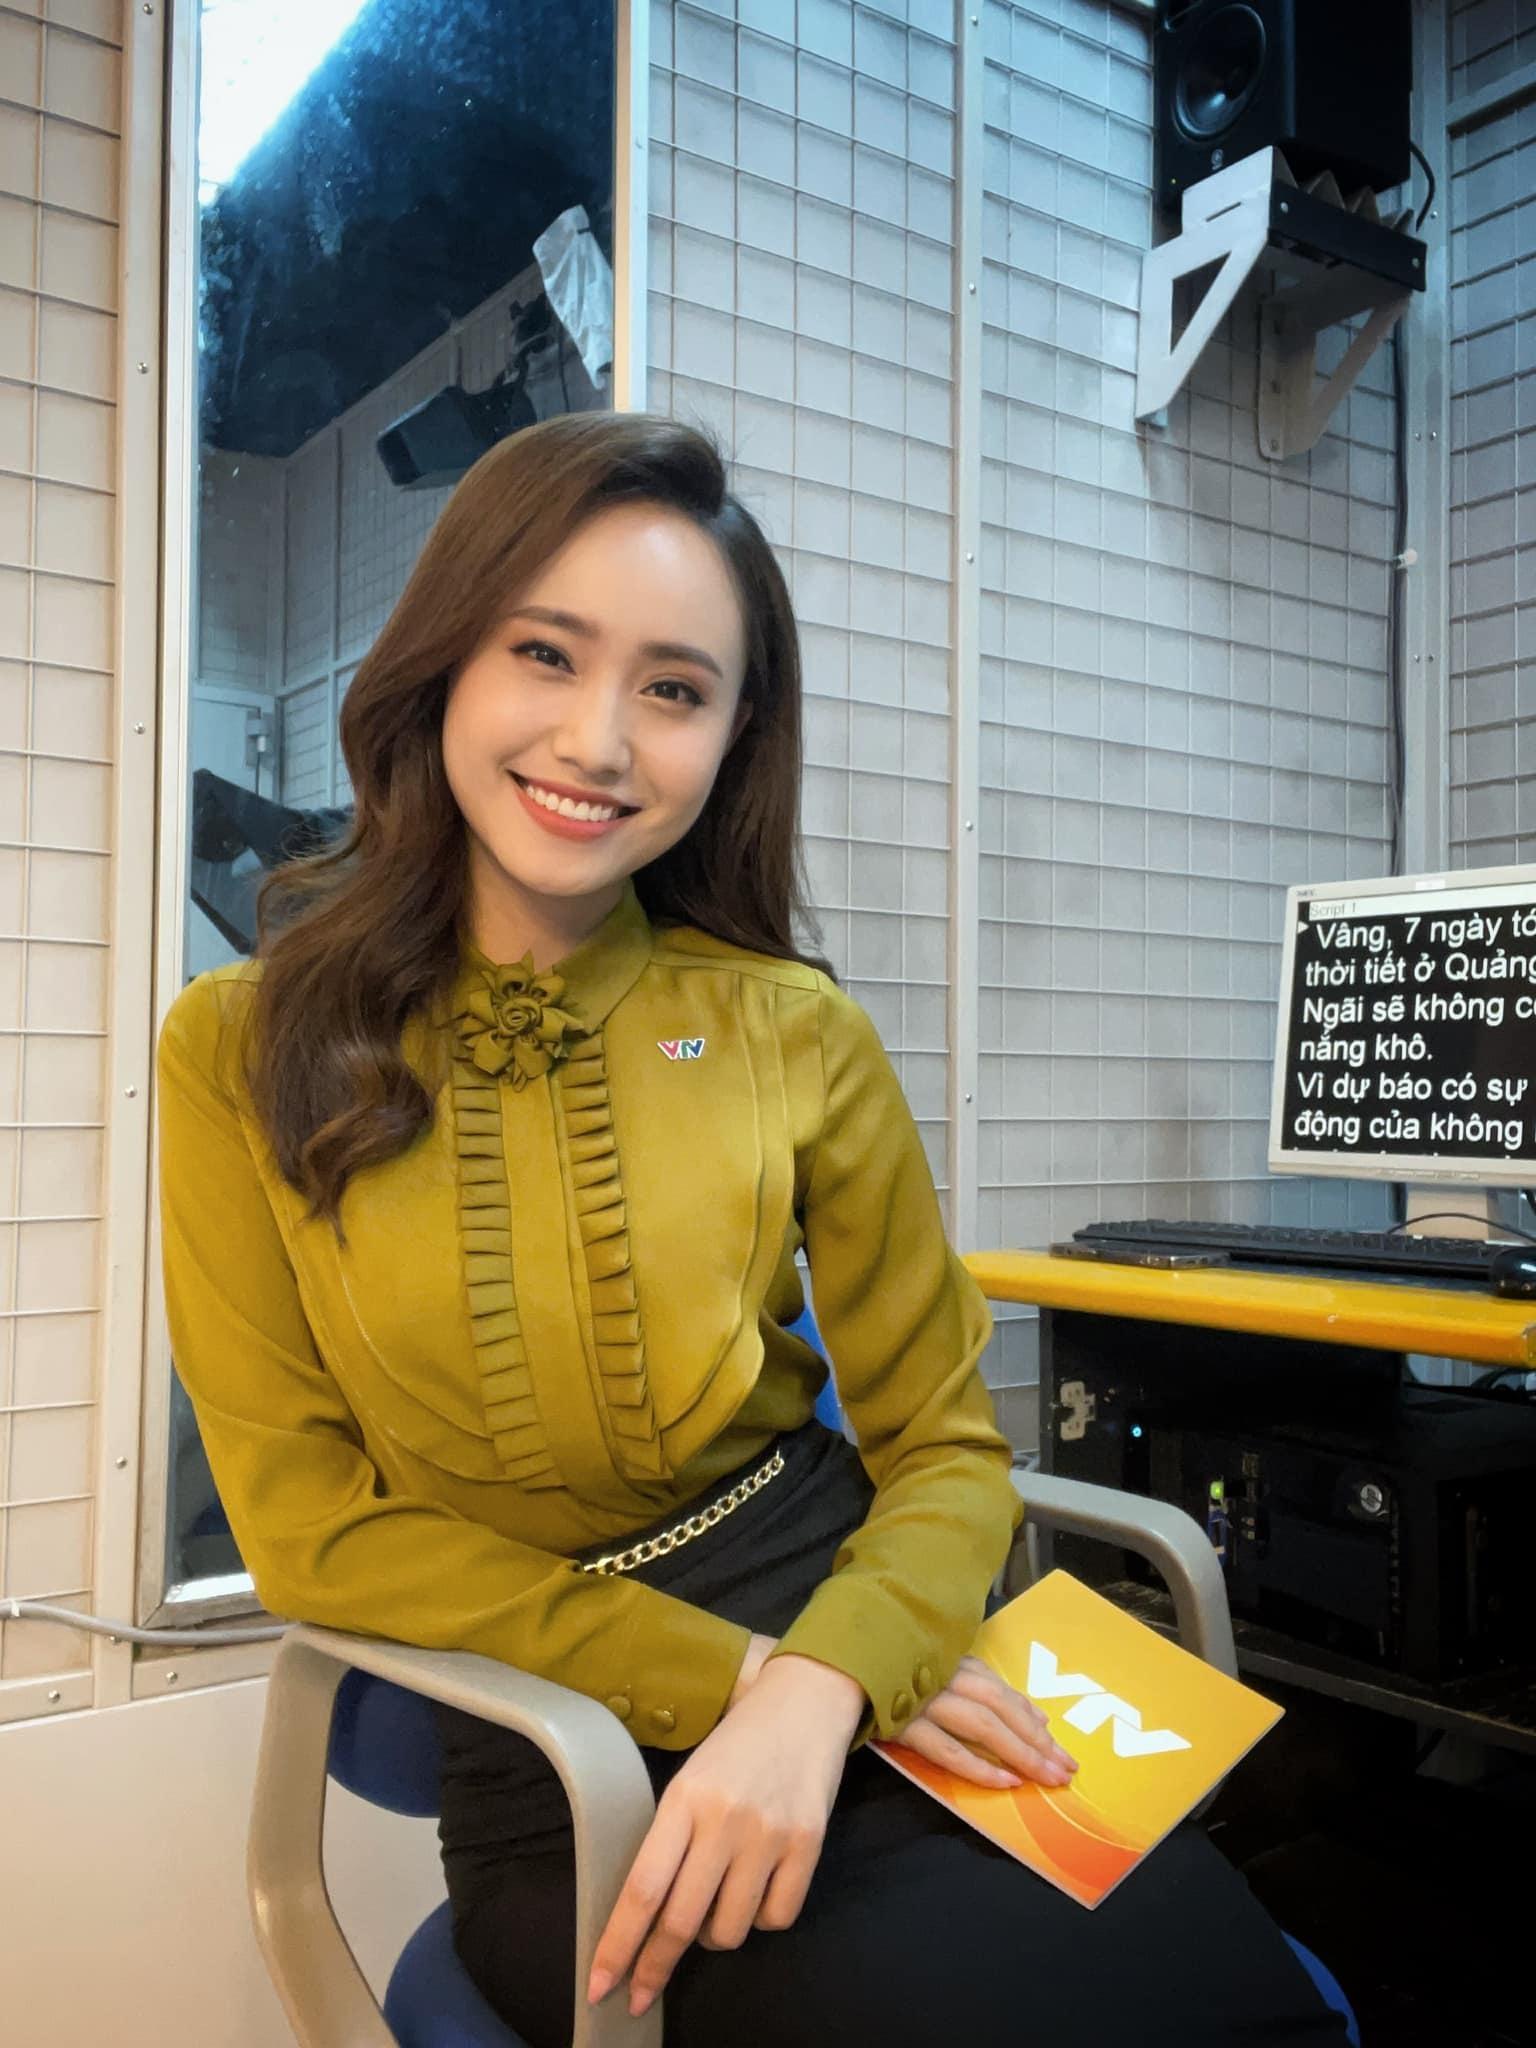 MC Xuân Anh VTV: 'Tôi chưa bao giờ nghĩ sẽ đổi nghề'